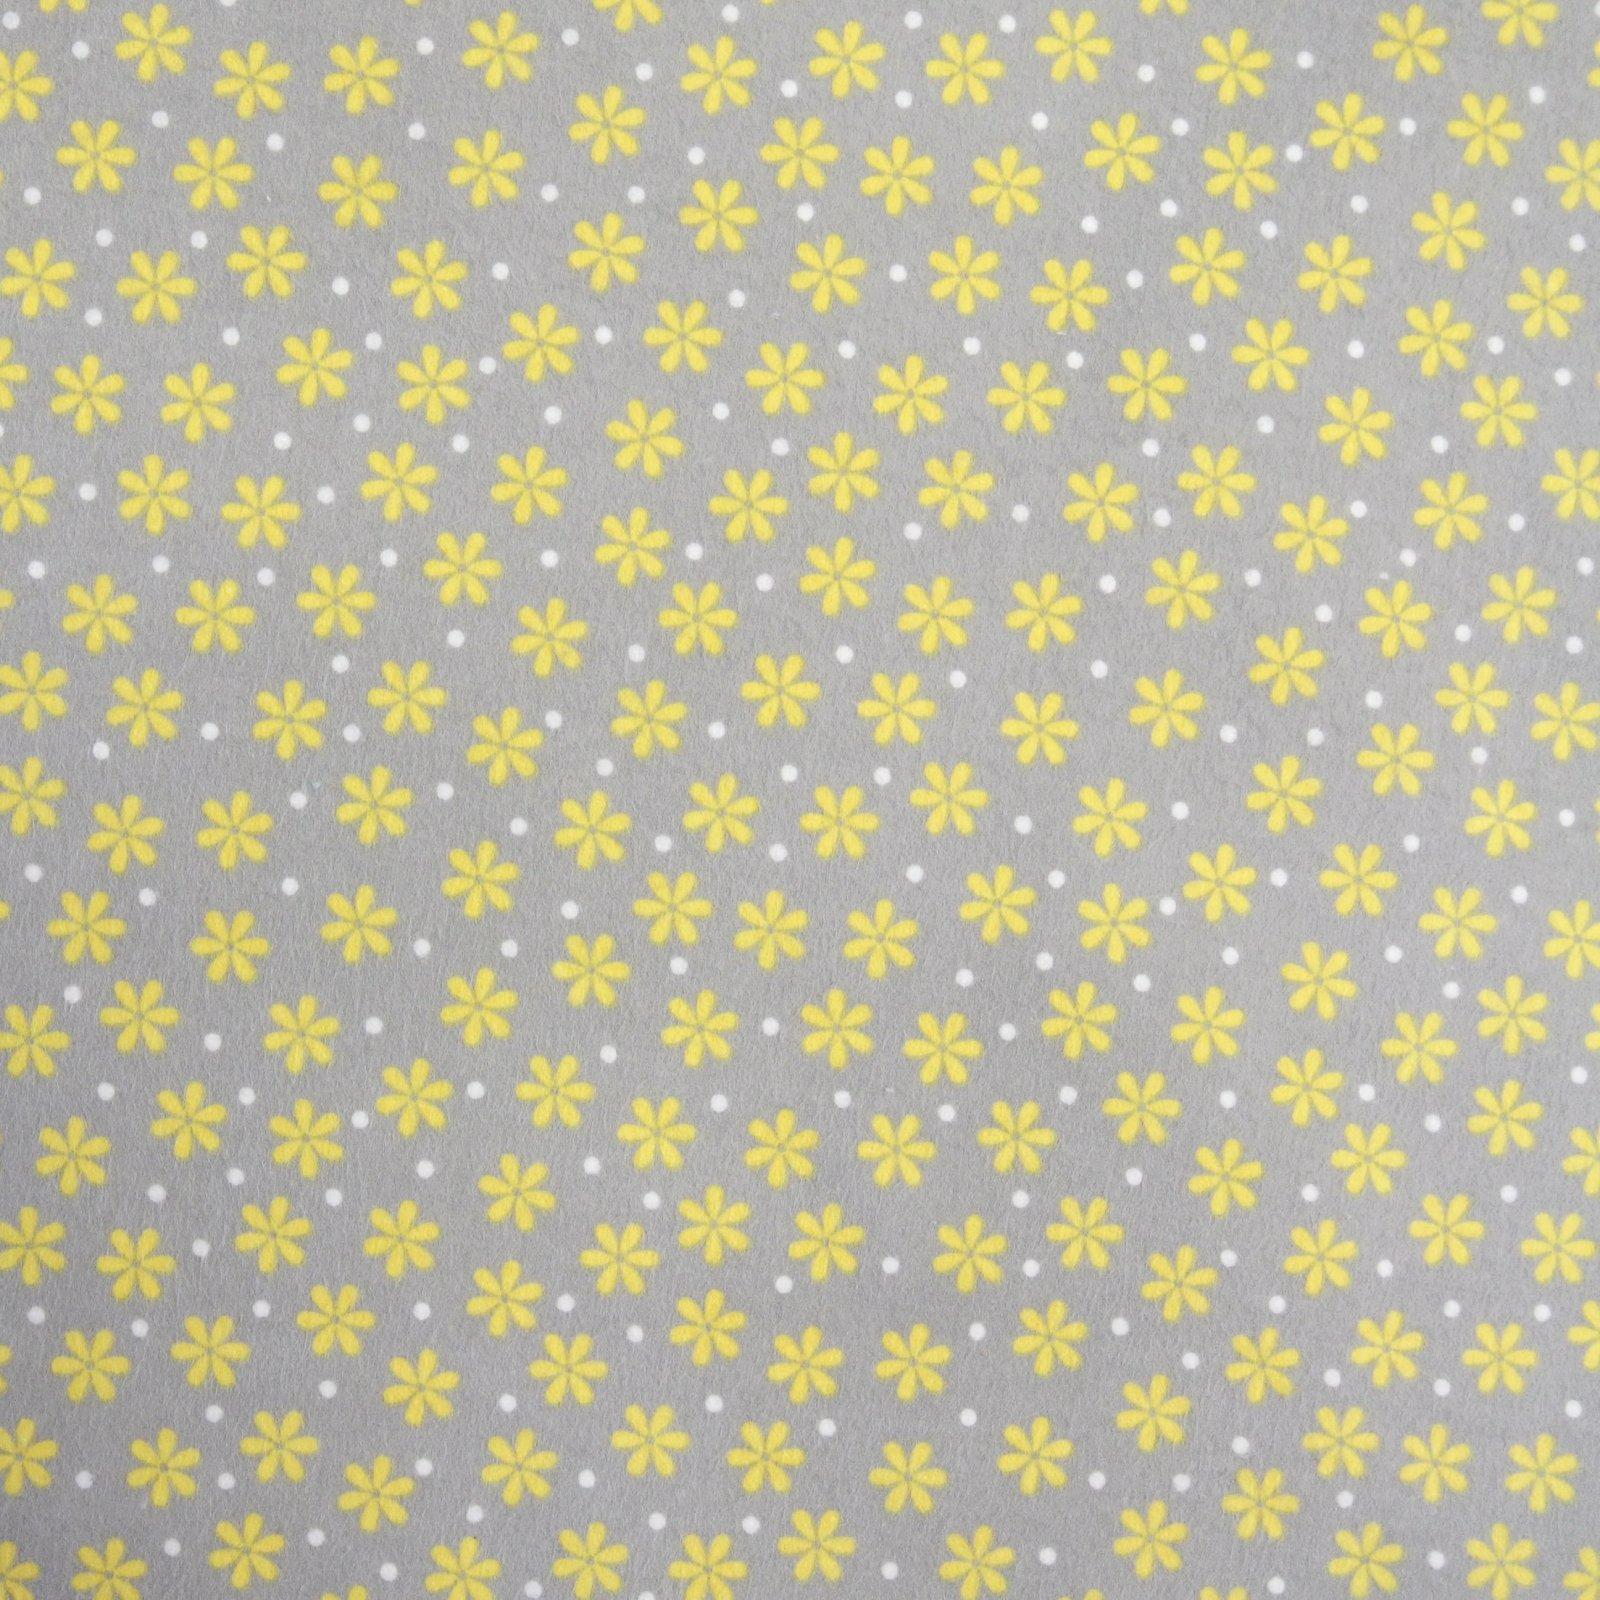 Cozy Cotton grey w yellow flowers